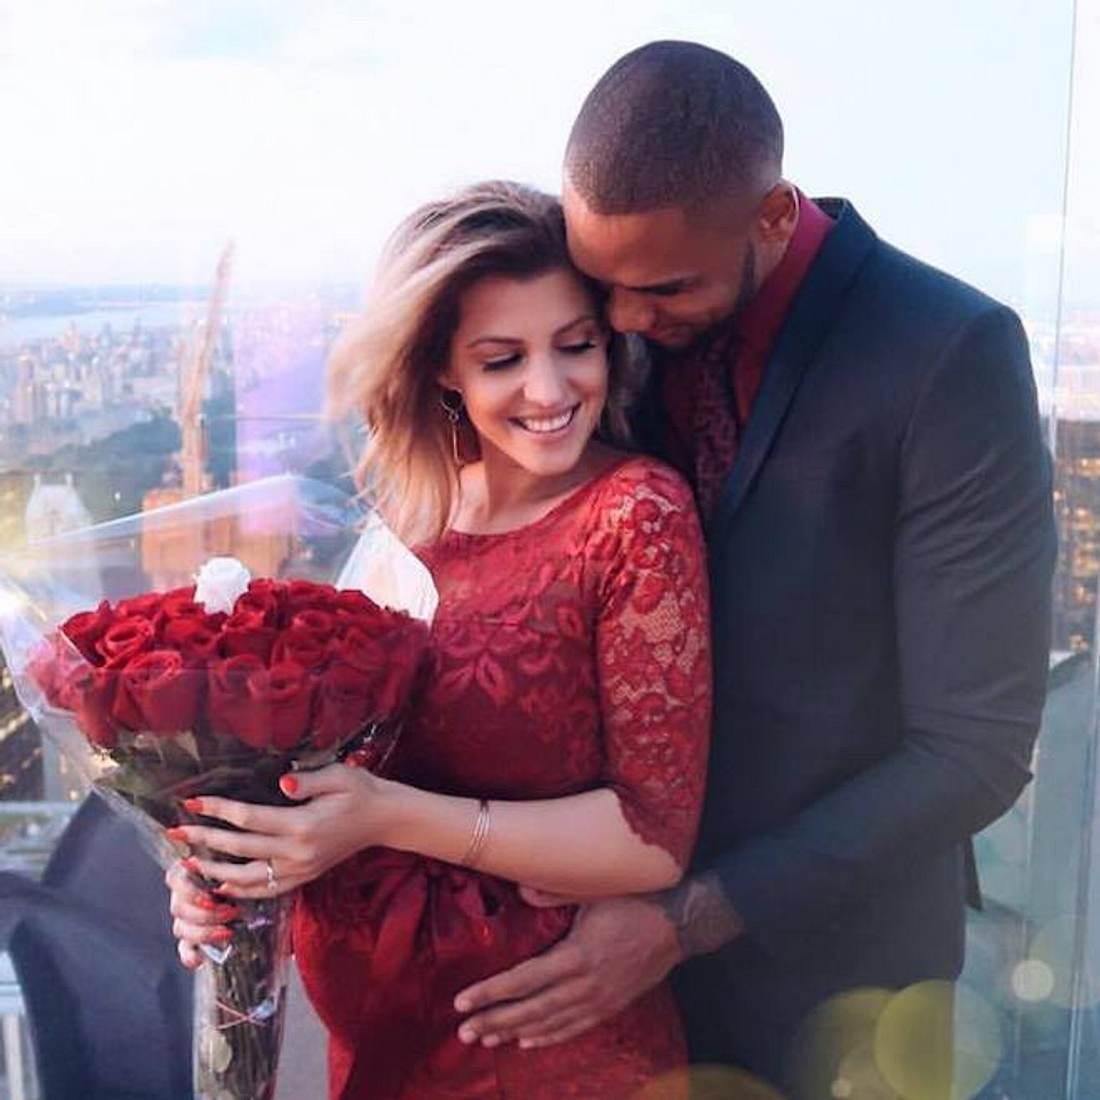 Sie sagen Ja! Sarah Nowak & Dominic haben sich verlobt